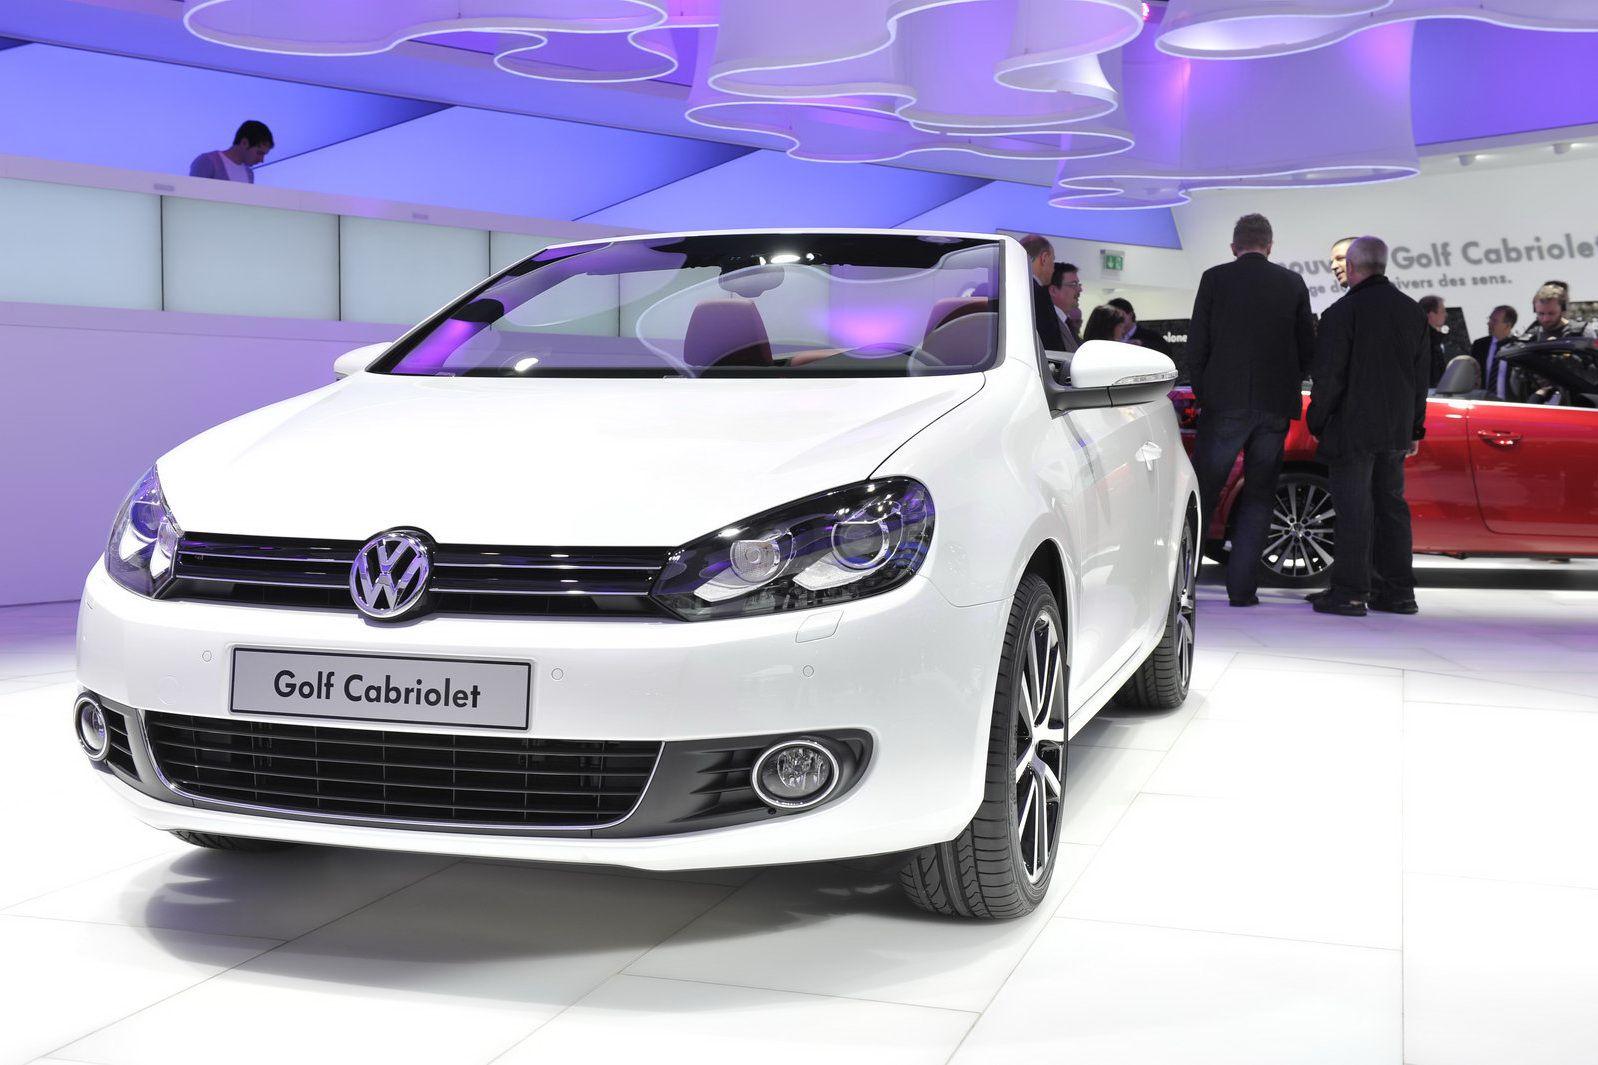 Google Afbeeldingen resultaat voor http://3.bp.blogspot.com/-smOxbPhvwfk/TW-bHNzRbPI/AAAAAAAEFsM/y9yXbWgj0g4/s1600/2011-VW-Golf-Cabrio-115.JPG